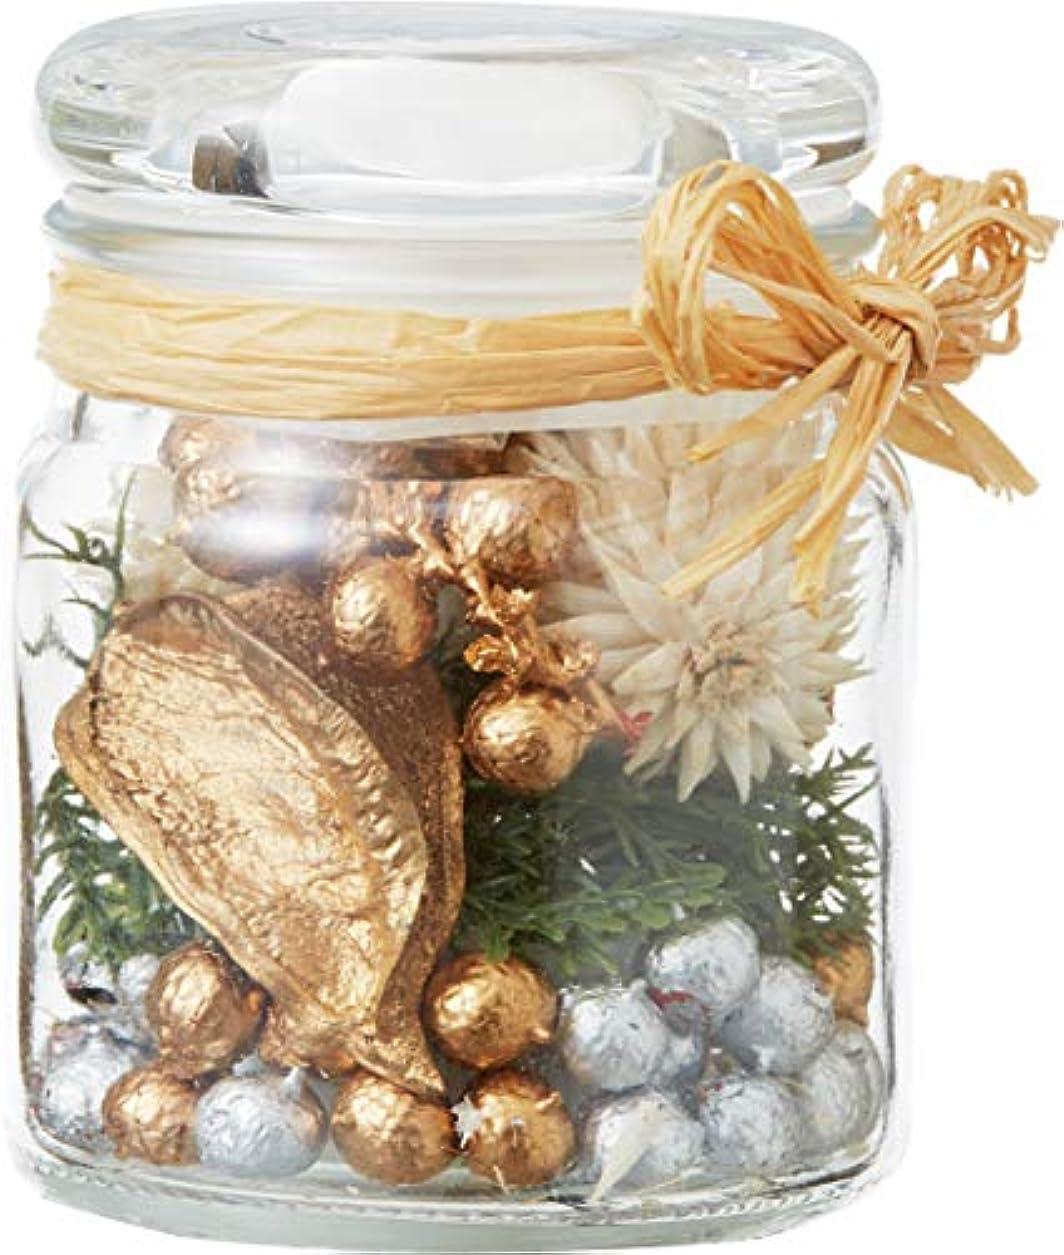 狂う示す魅力的であることへのアピールカメヤマキャンドルハウス クリスマスボヌールグラスポプリ サパンドノエ 1個